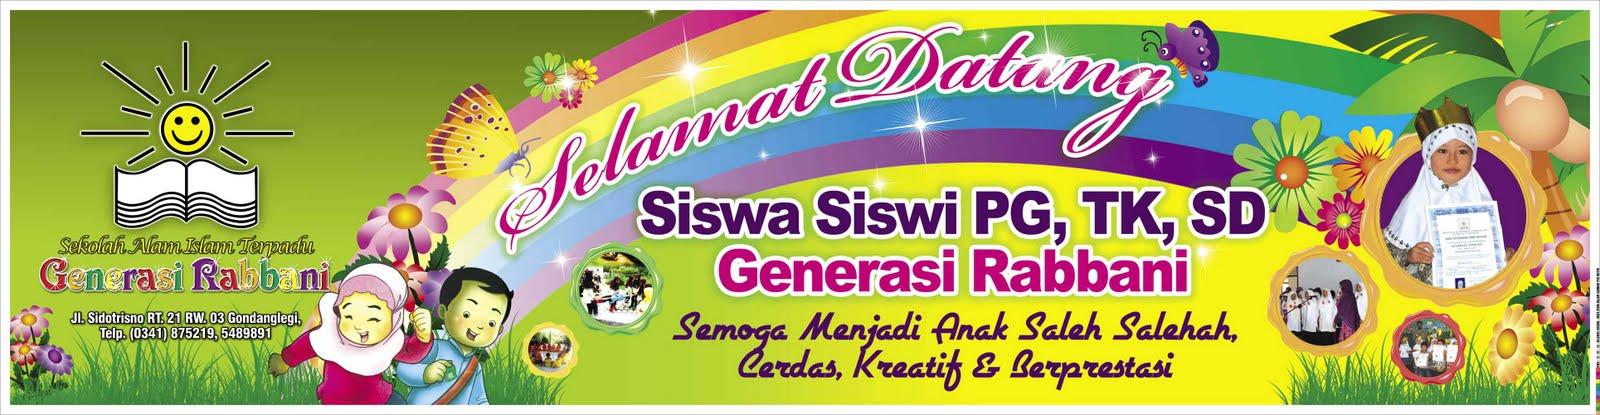 ... Dengan Tema Selamat Datang Siswa Siswi PG, TK, SD Gernerasi Rabbani